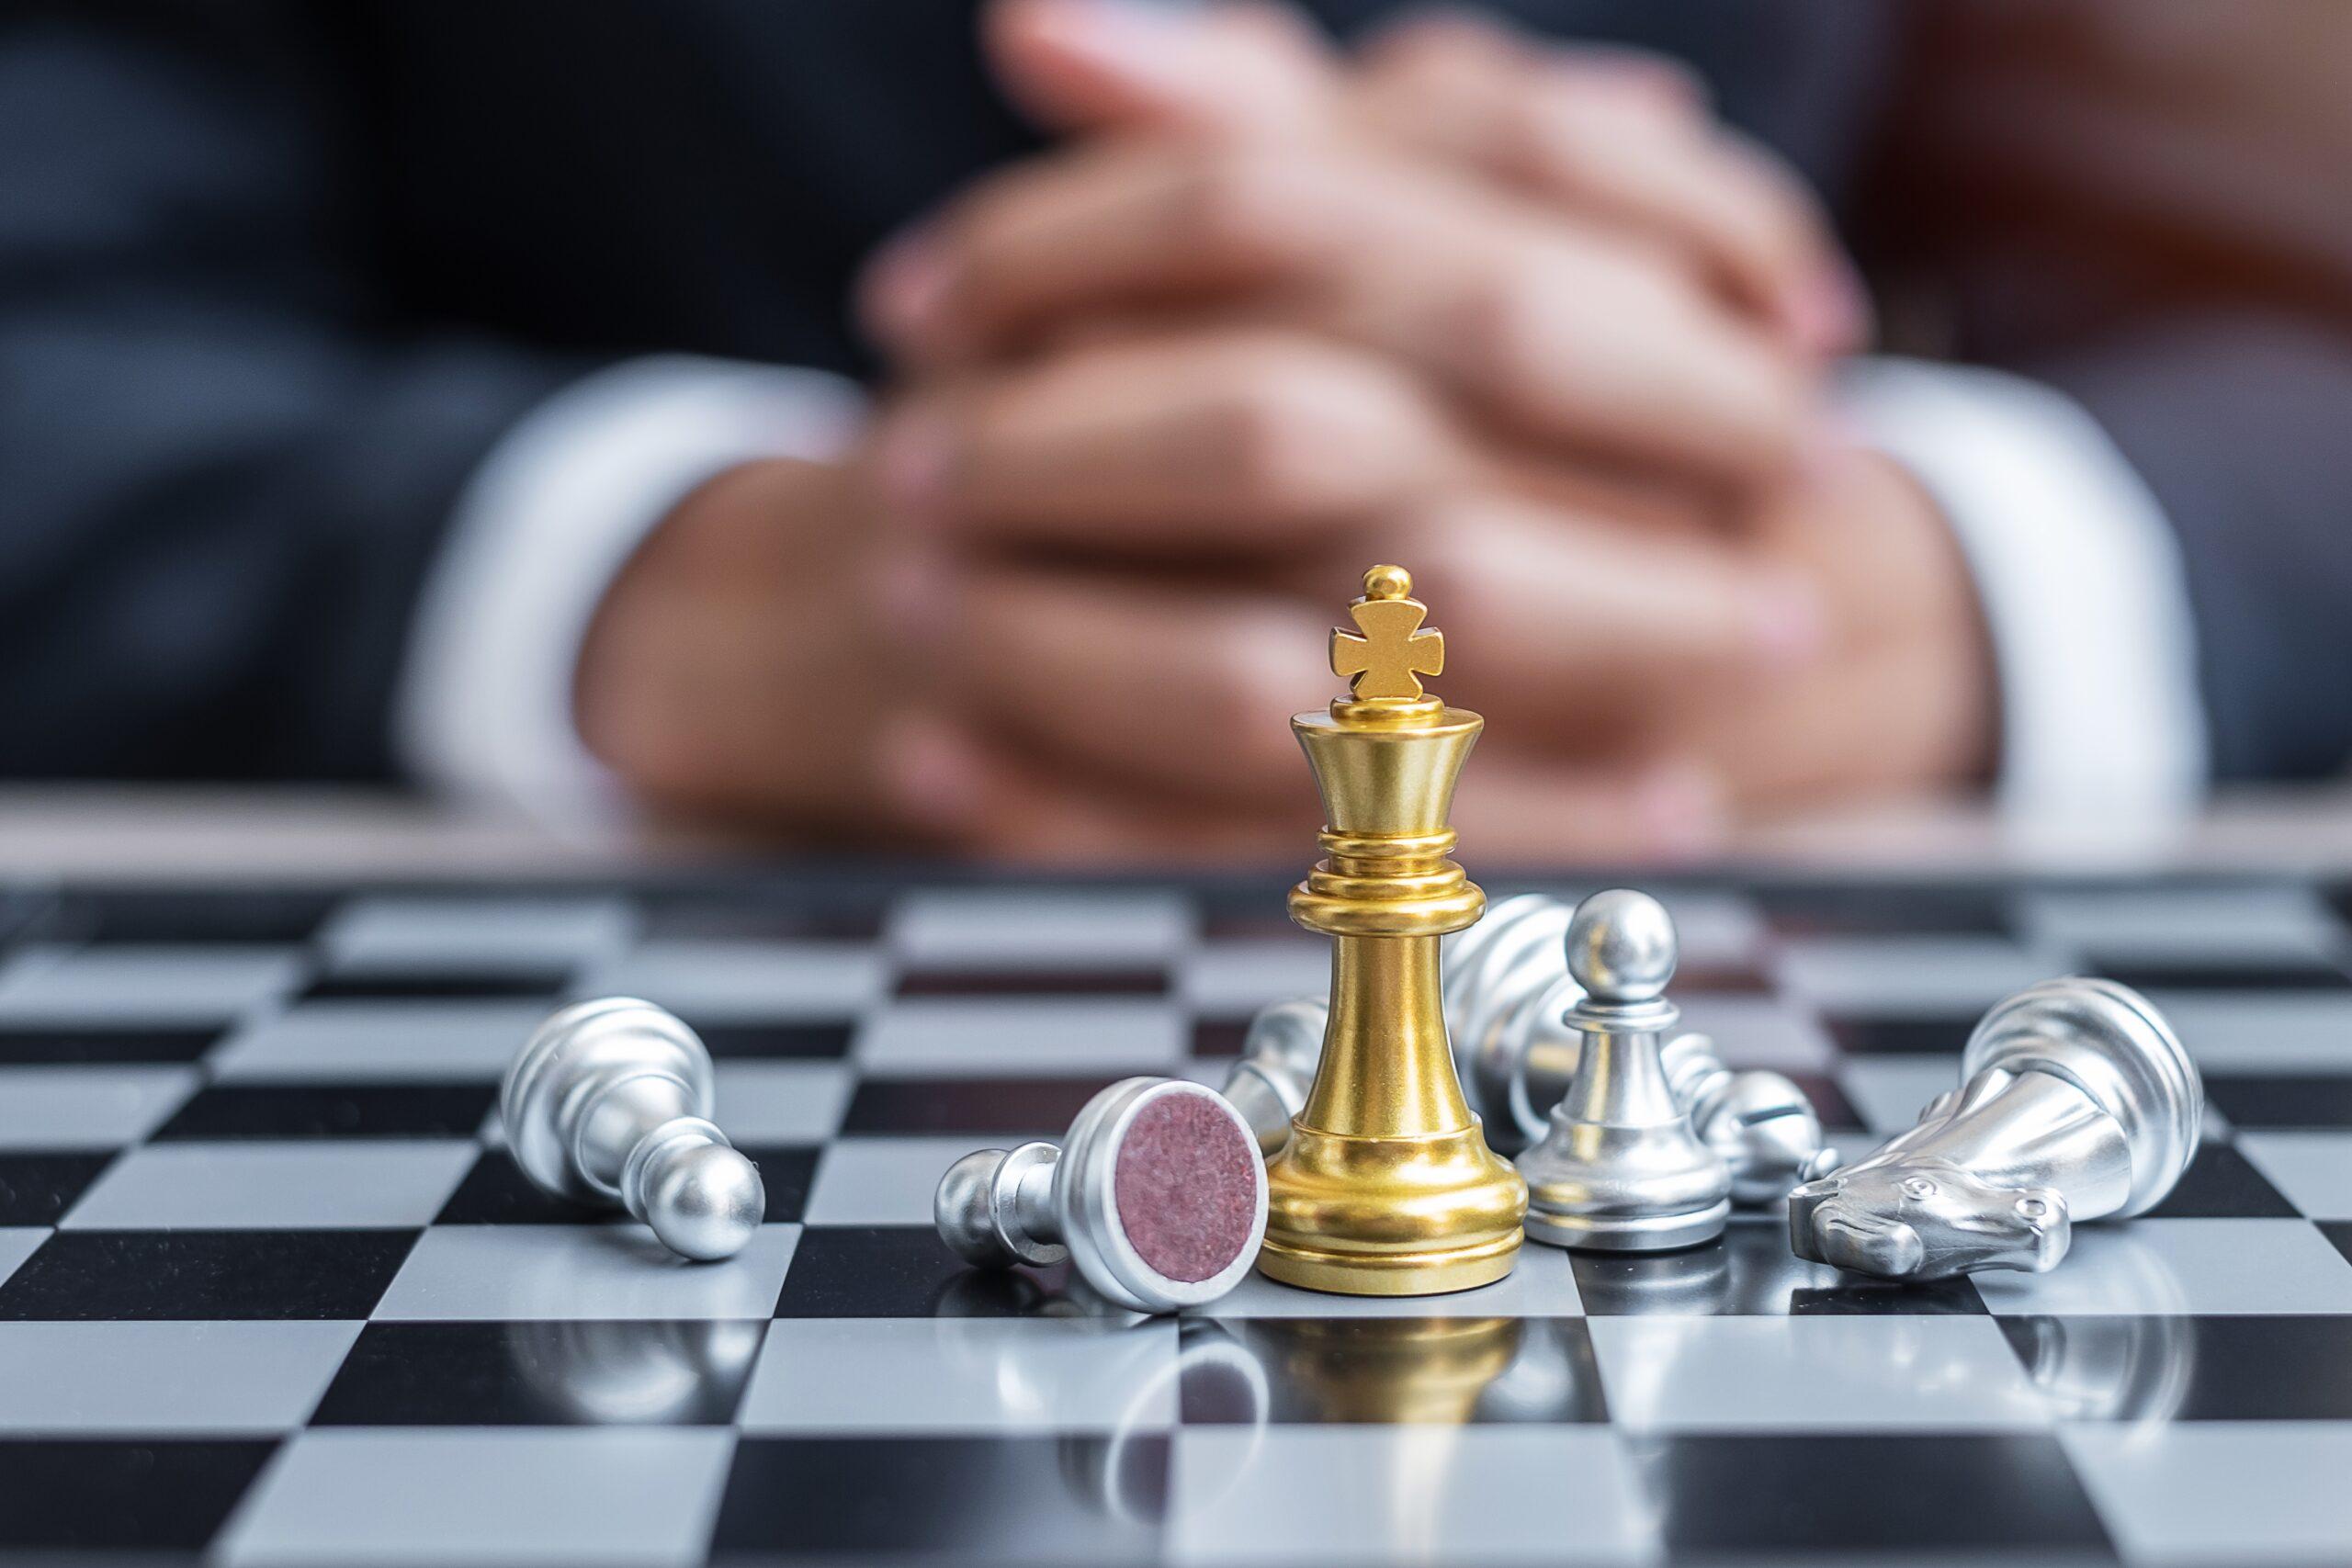 chess-king-figure-against-chessboard-opponent